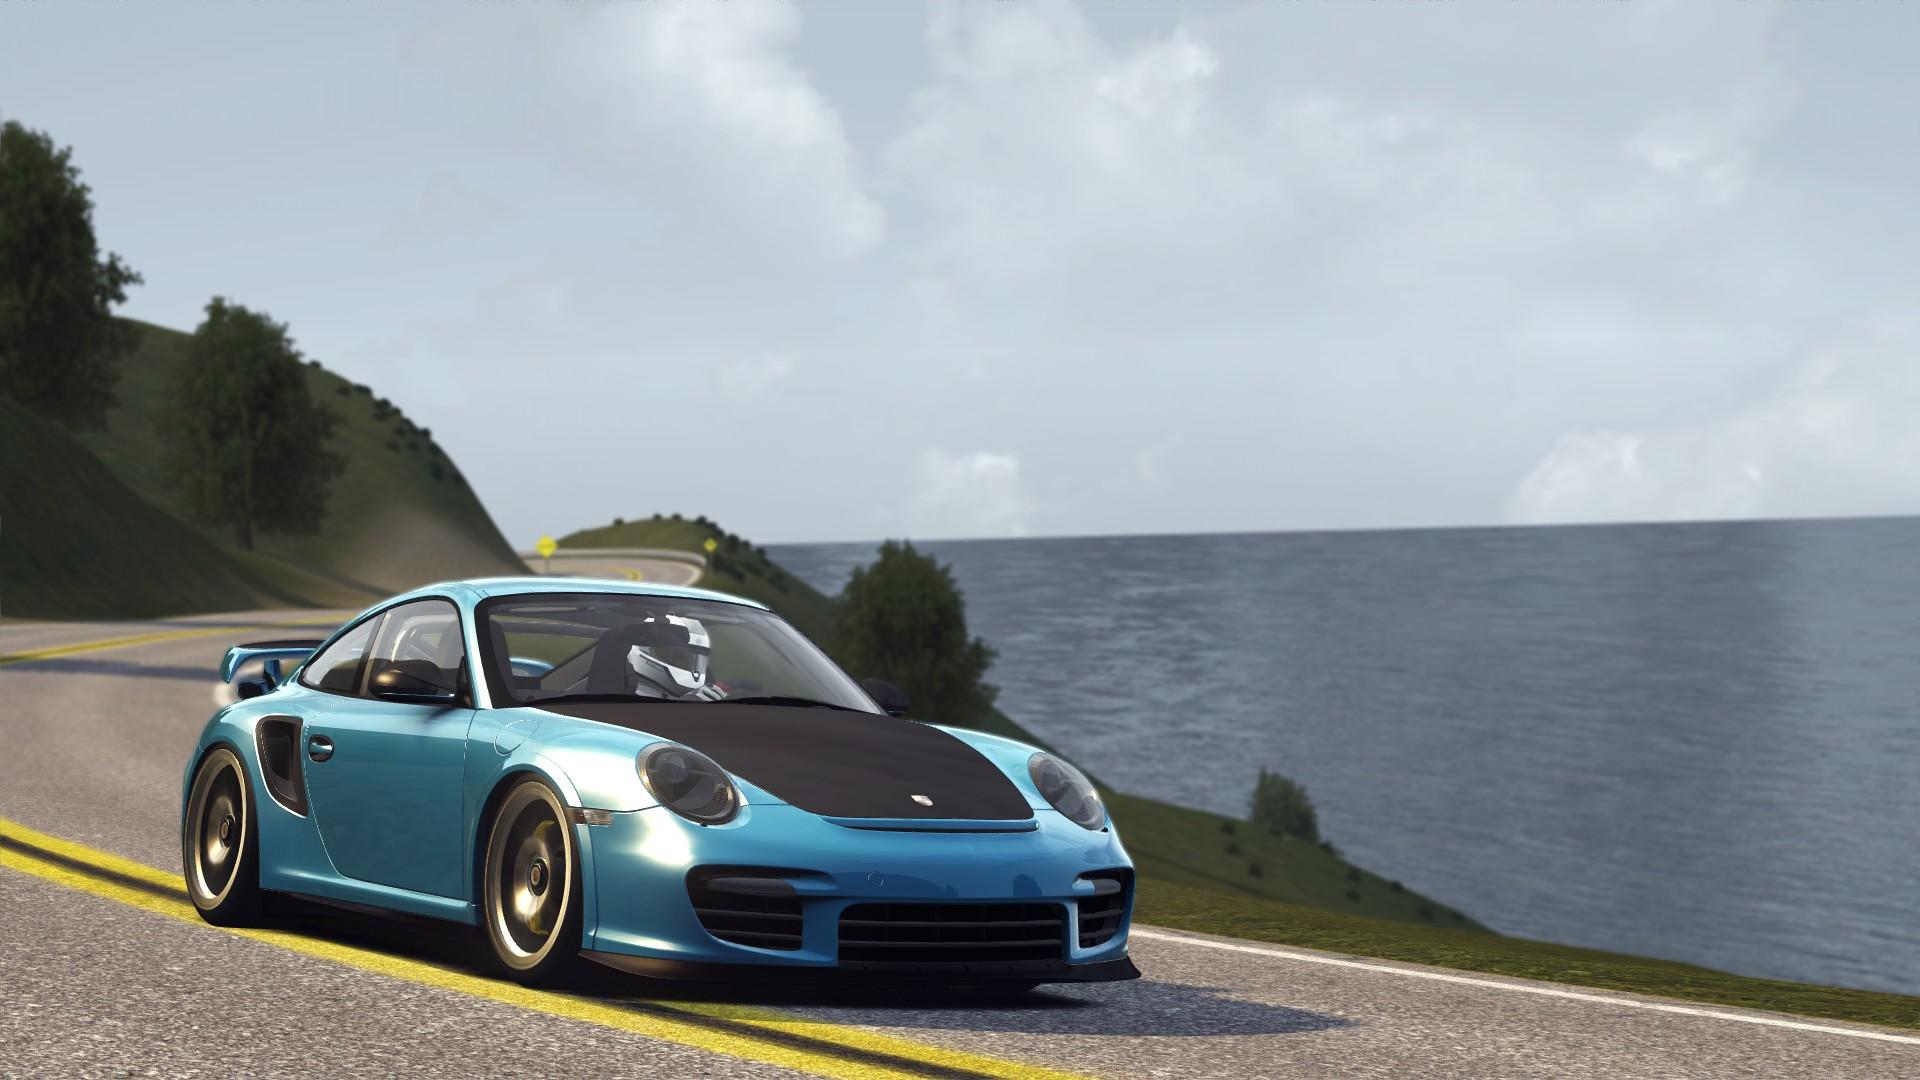 Porsche 997 GT2RS Assetto Corsa 1.14 018.jpg